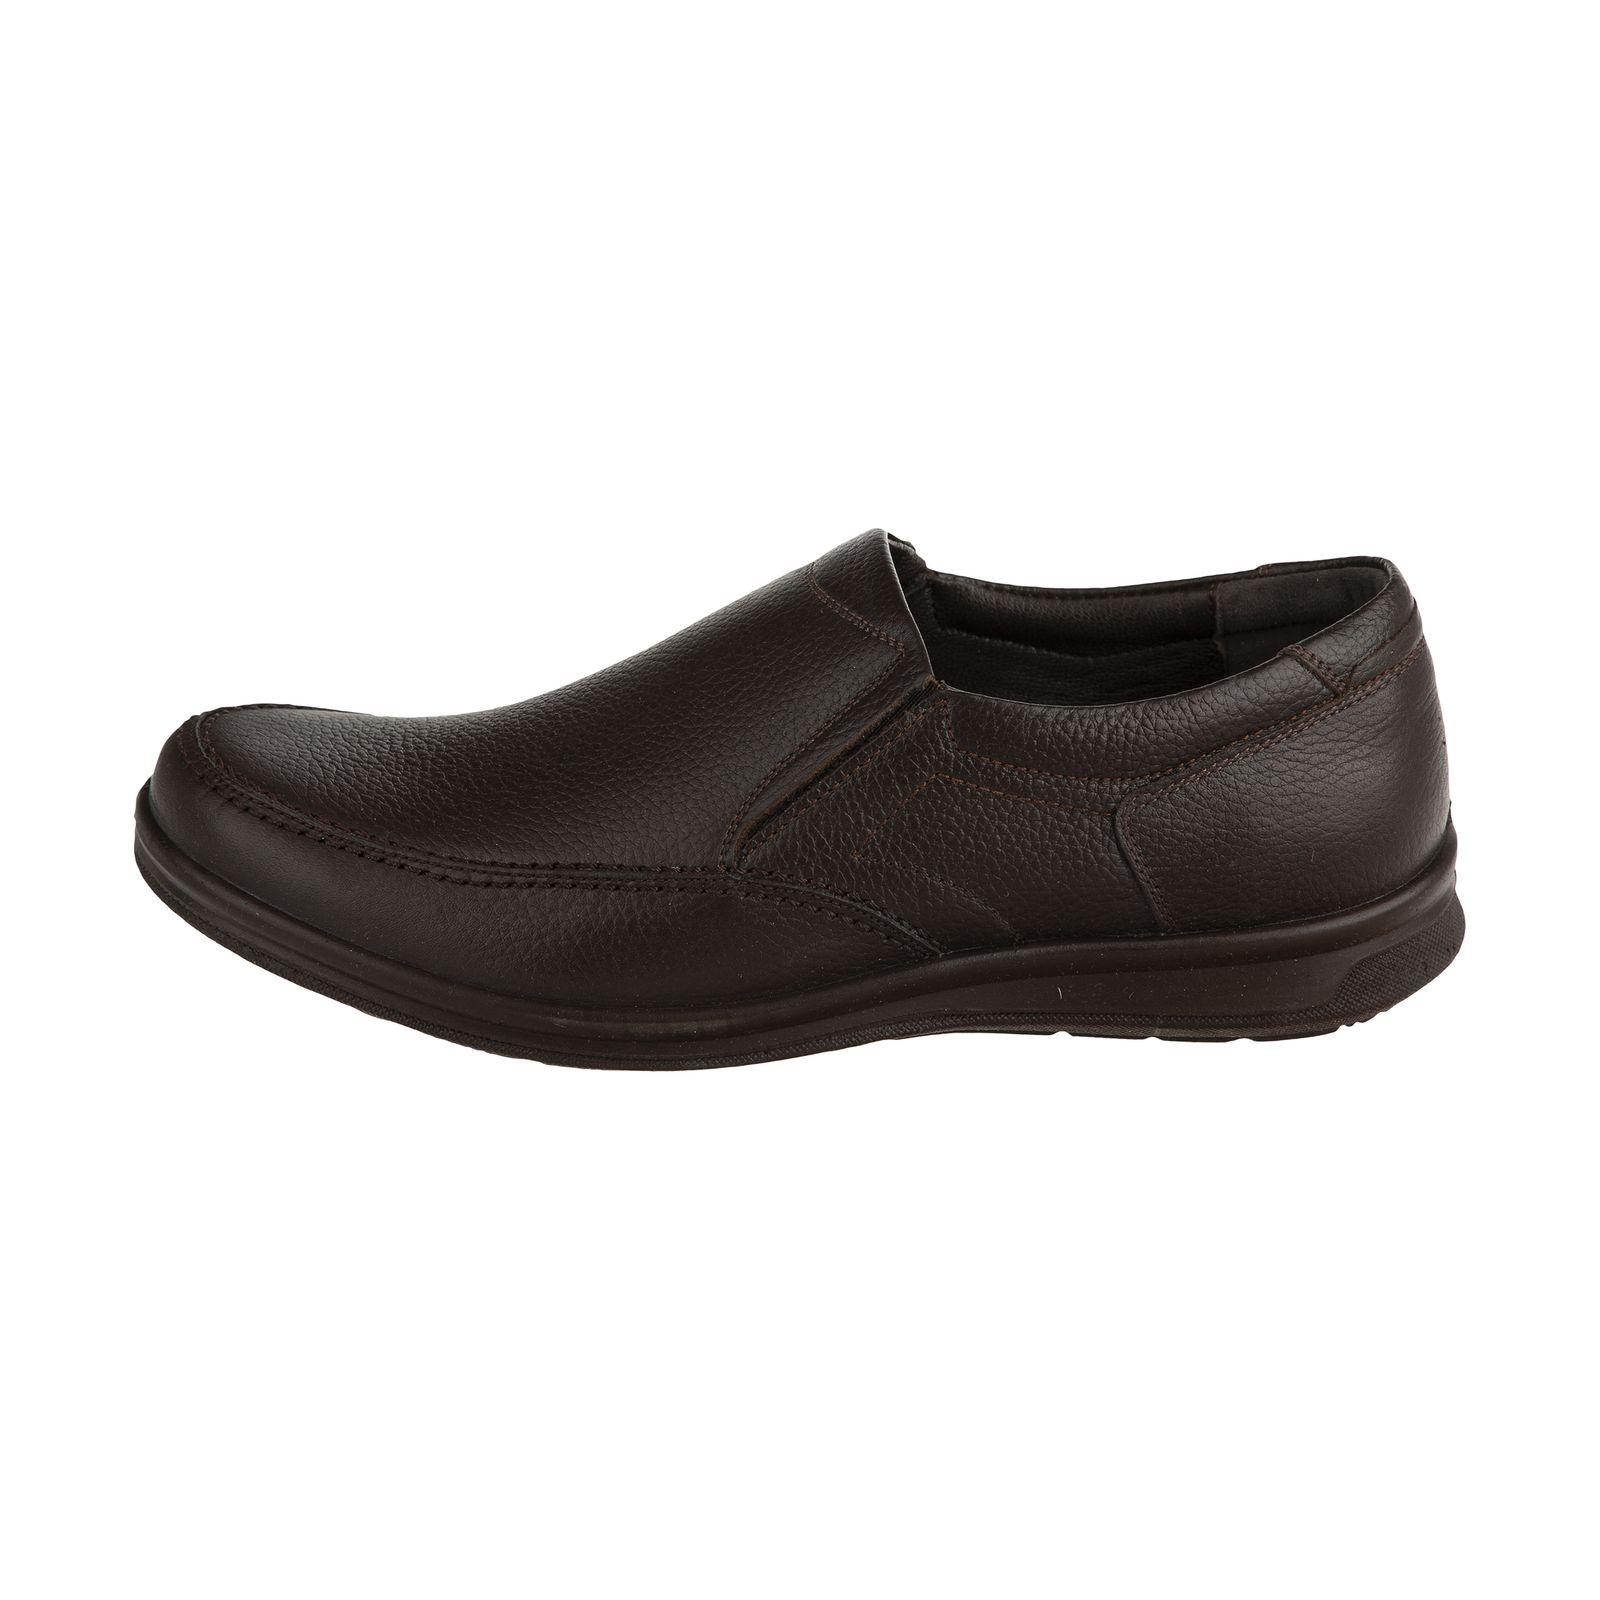 کفش روزمره مردانه بلوط مدل 7296A503104 -  - 2